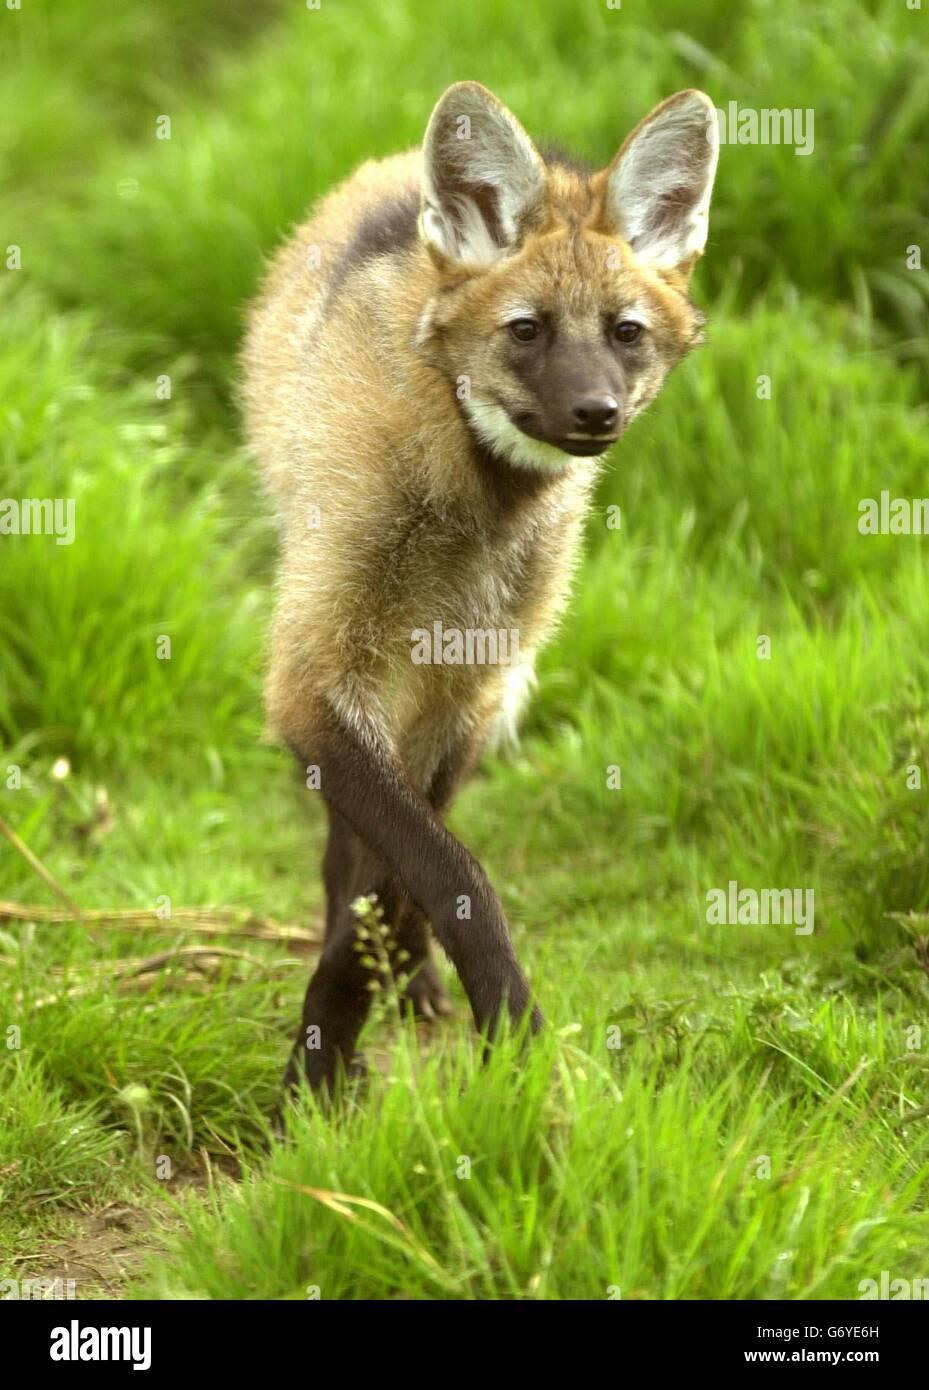 Zoro the maned wolf - Stock Image